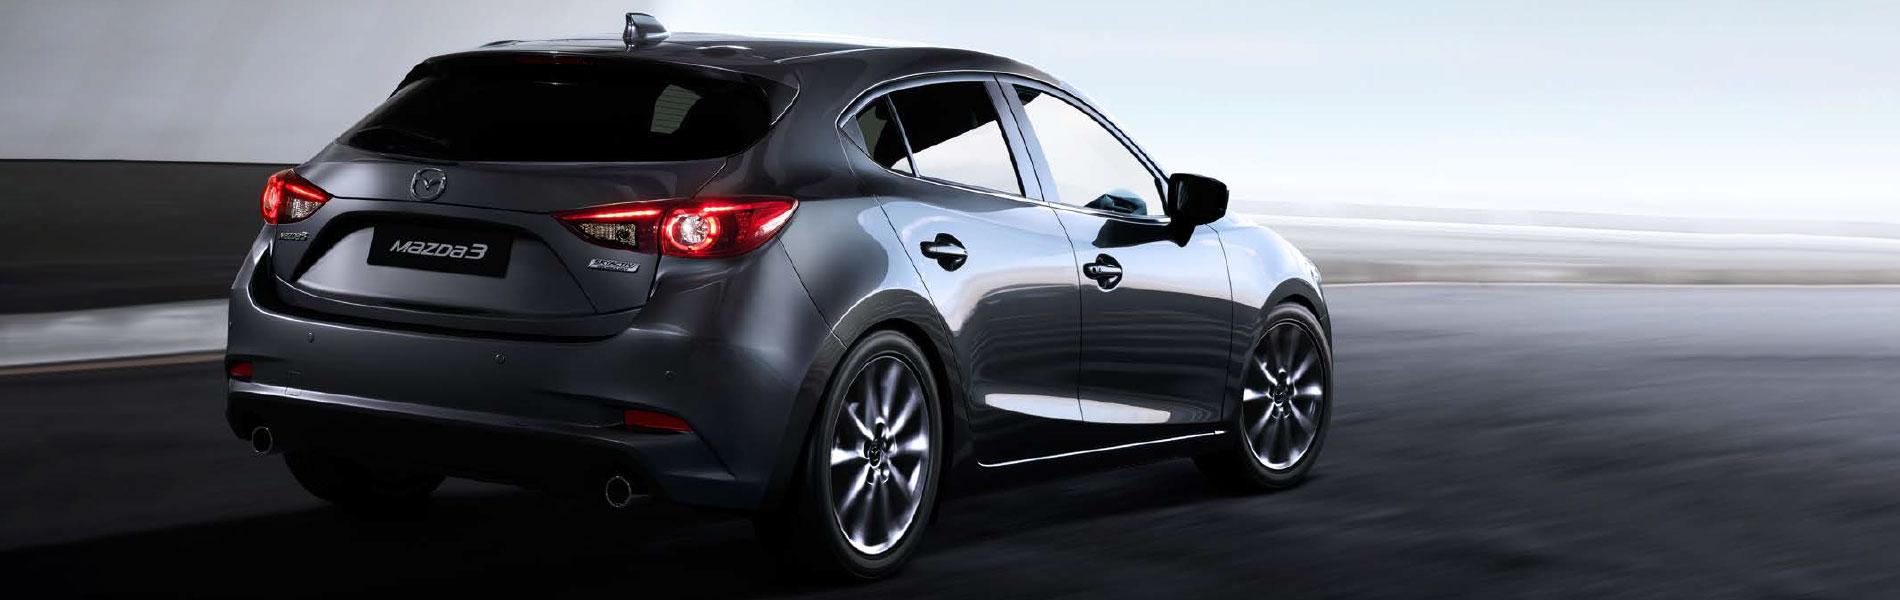 Mazda Mazda3 Image 4